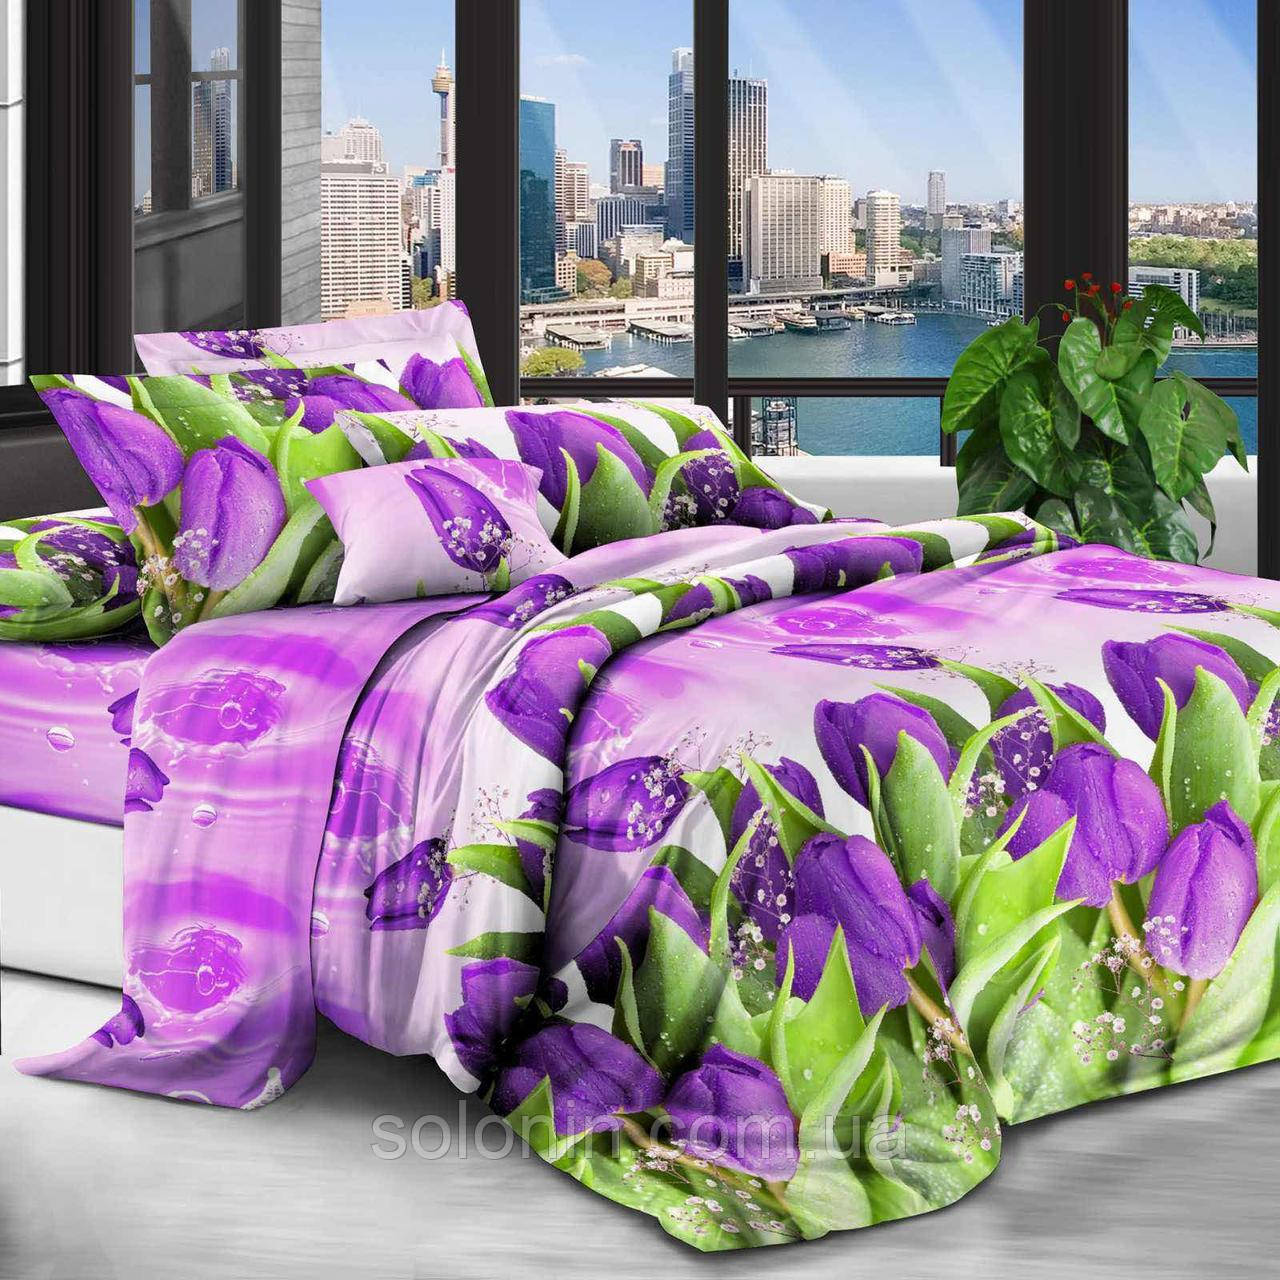 Высококачественное двухспальное постельное бельё.